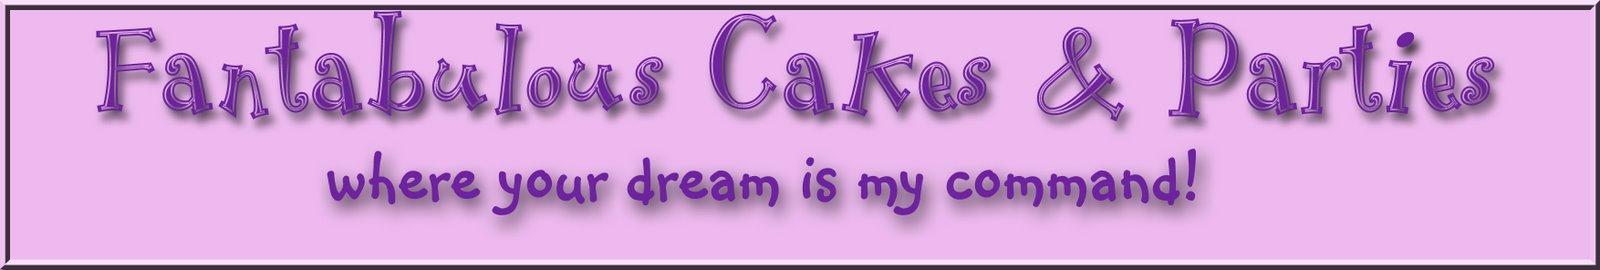 Fantabulous Cakes